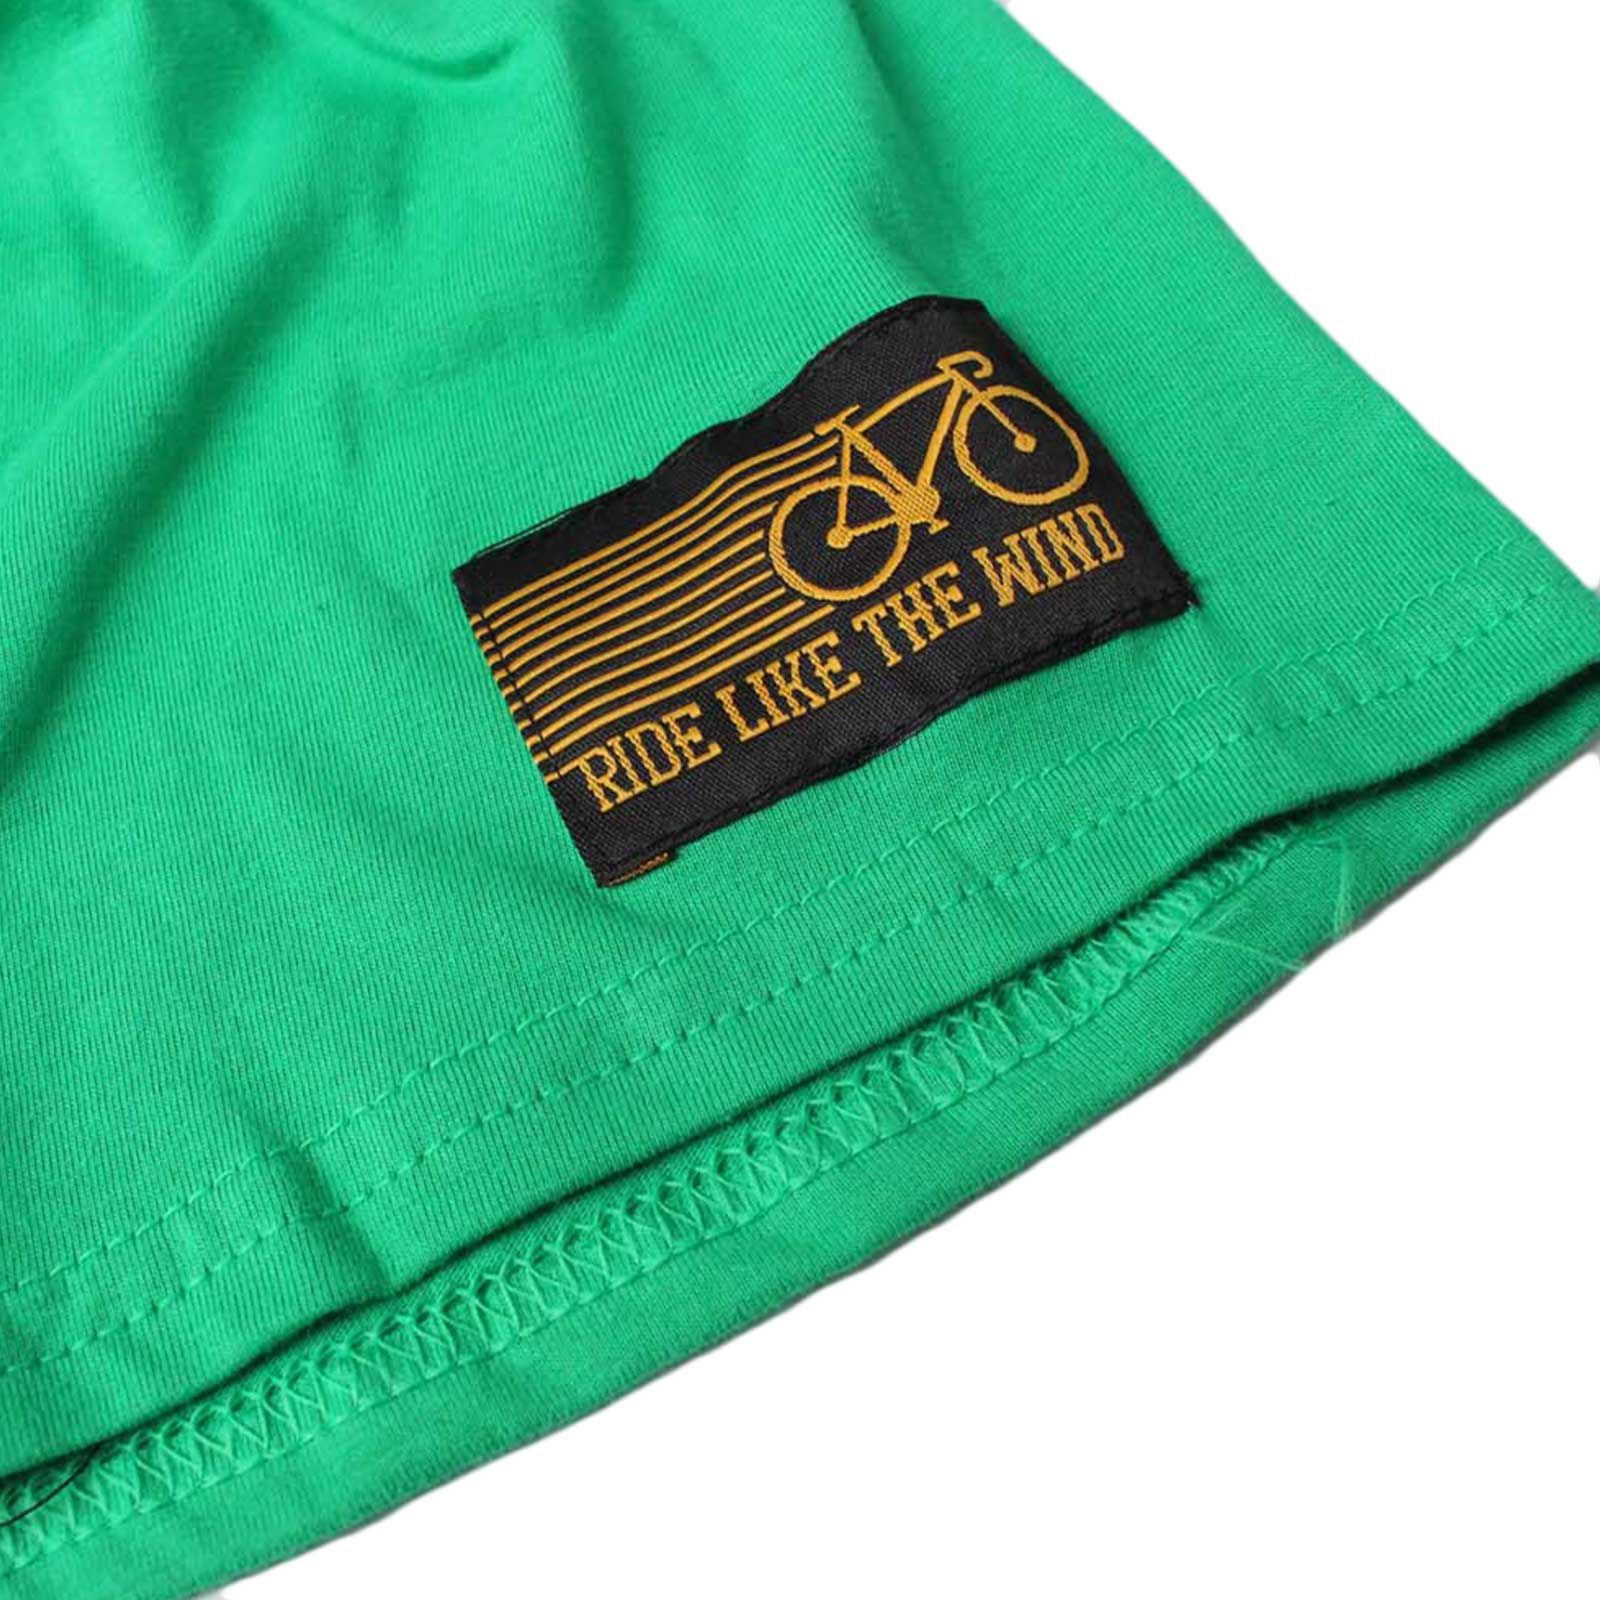 FB-Cycling-Tee-Ocd-Cycling-Novelty-Birthday-Christmas-Gift-Mens-T-Shirt thumbnail 15